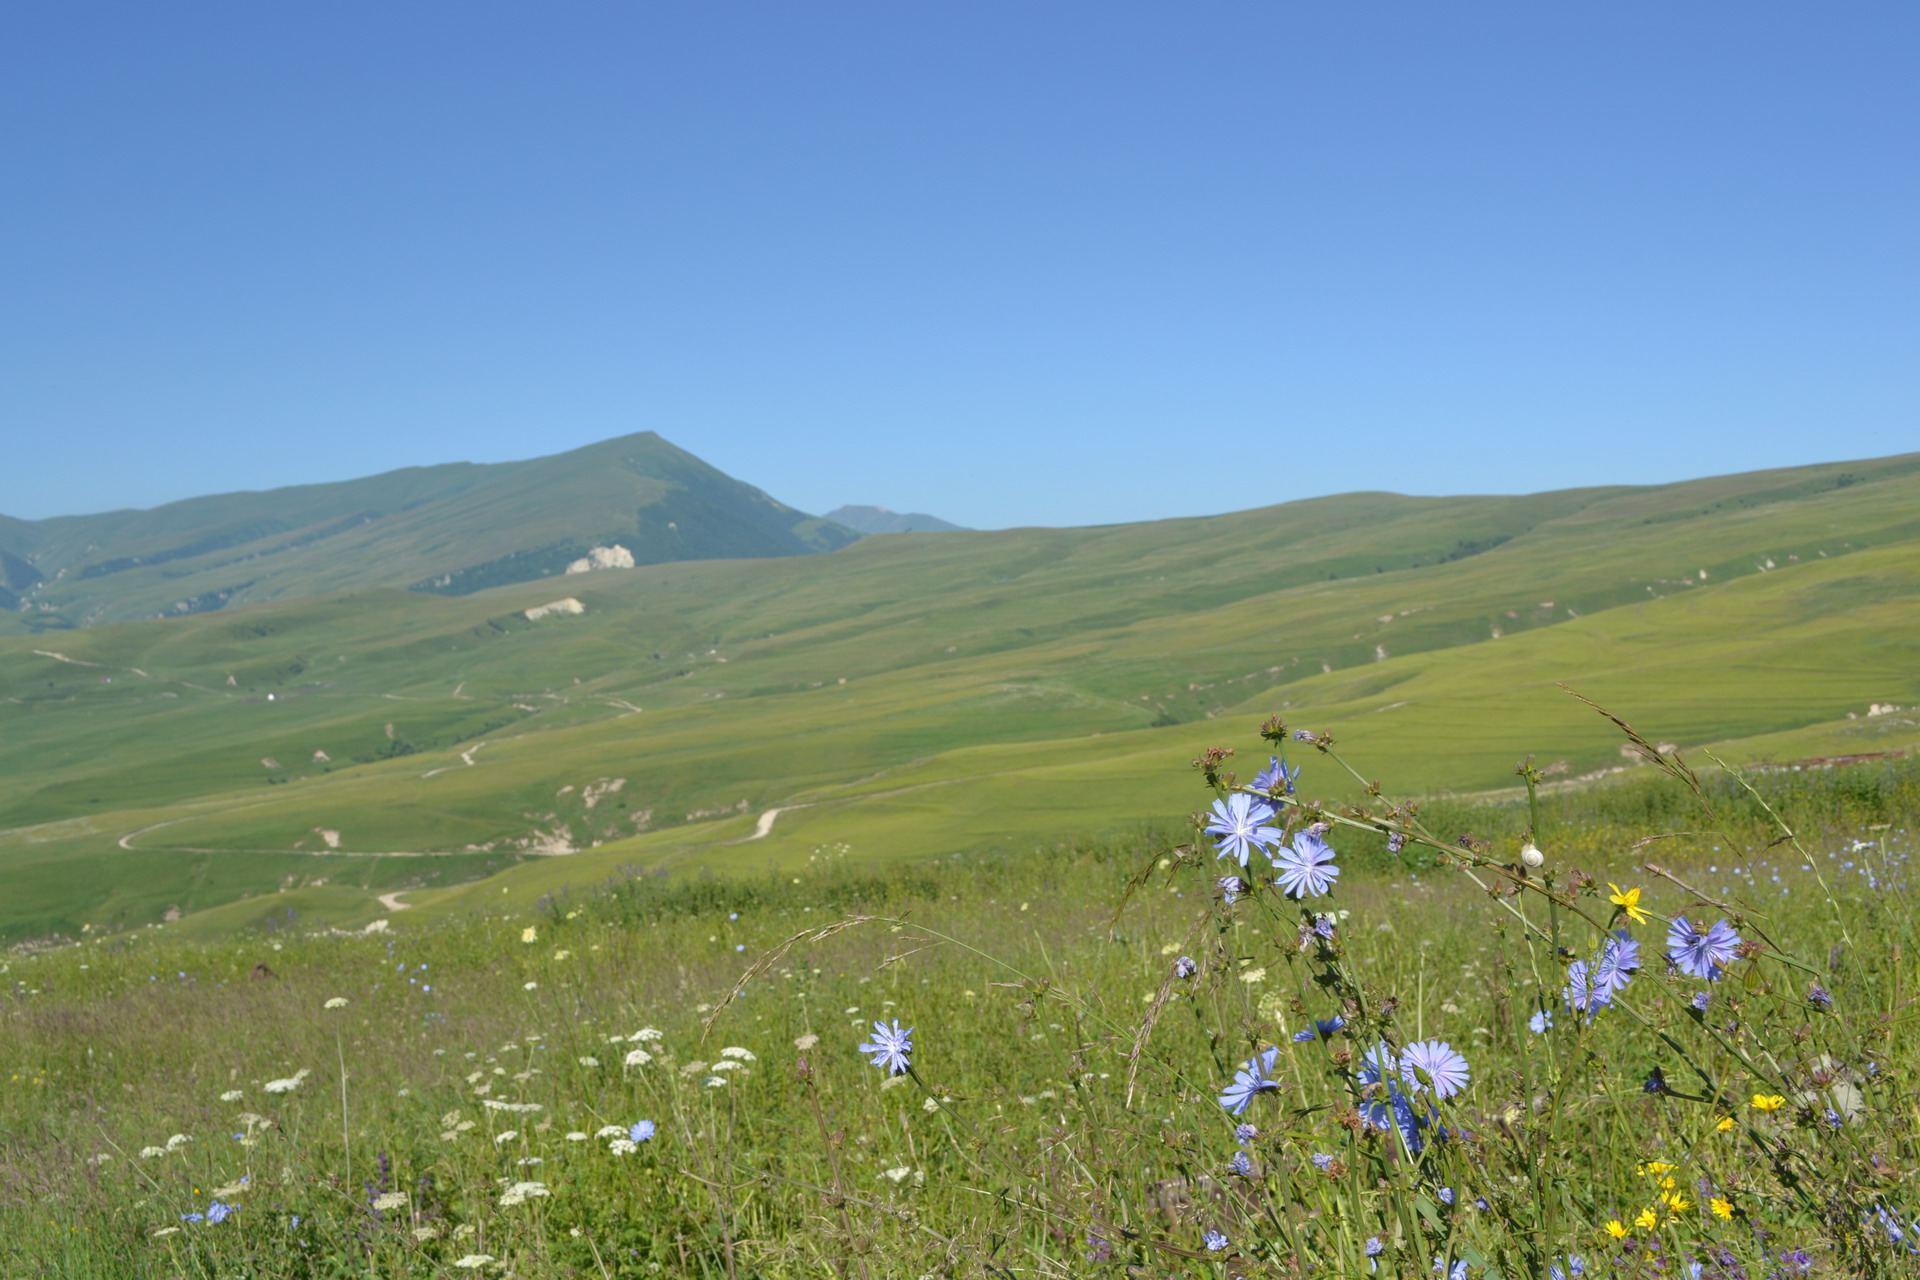 цветочные луга, чечня, горы кавказа